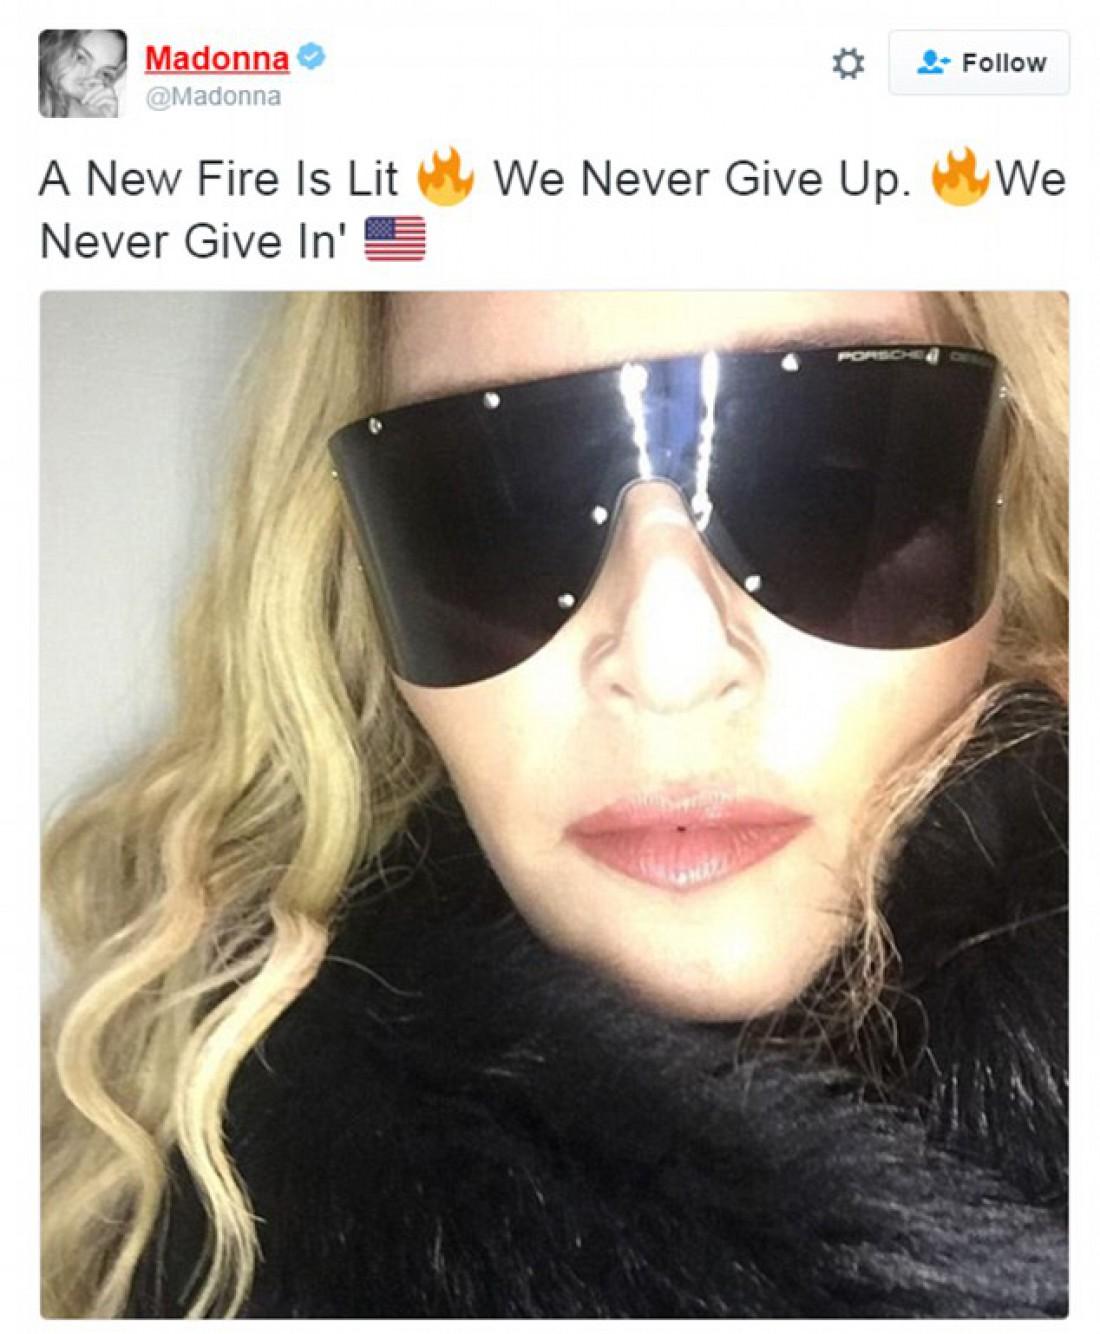 Мадонна: Спалехне новий вогонь. Ми не опускаємо руки, ніколи